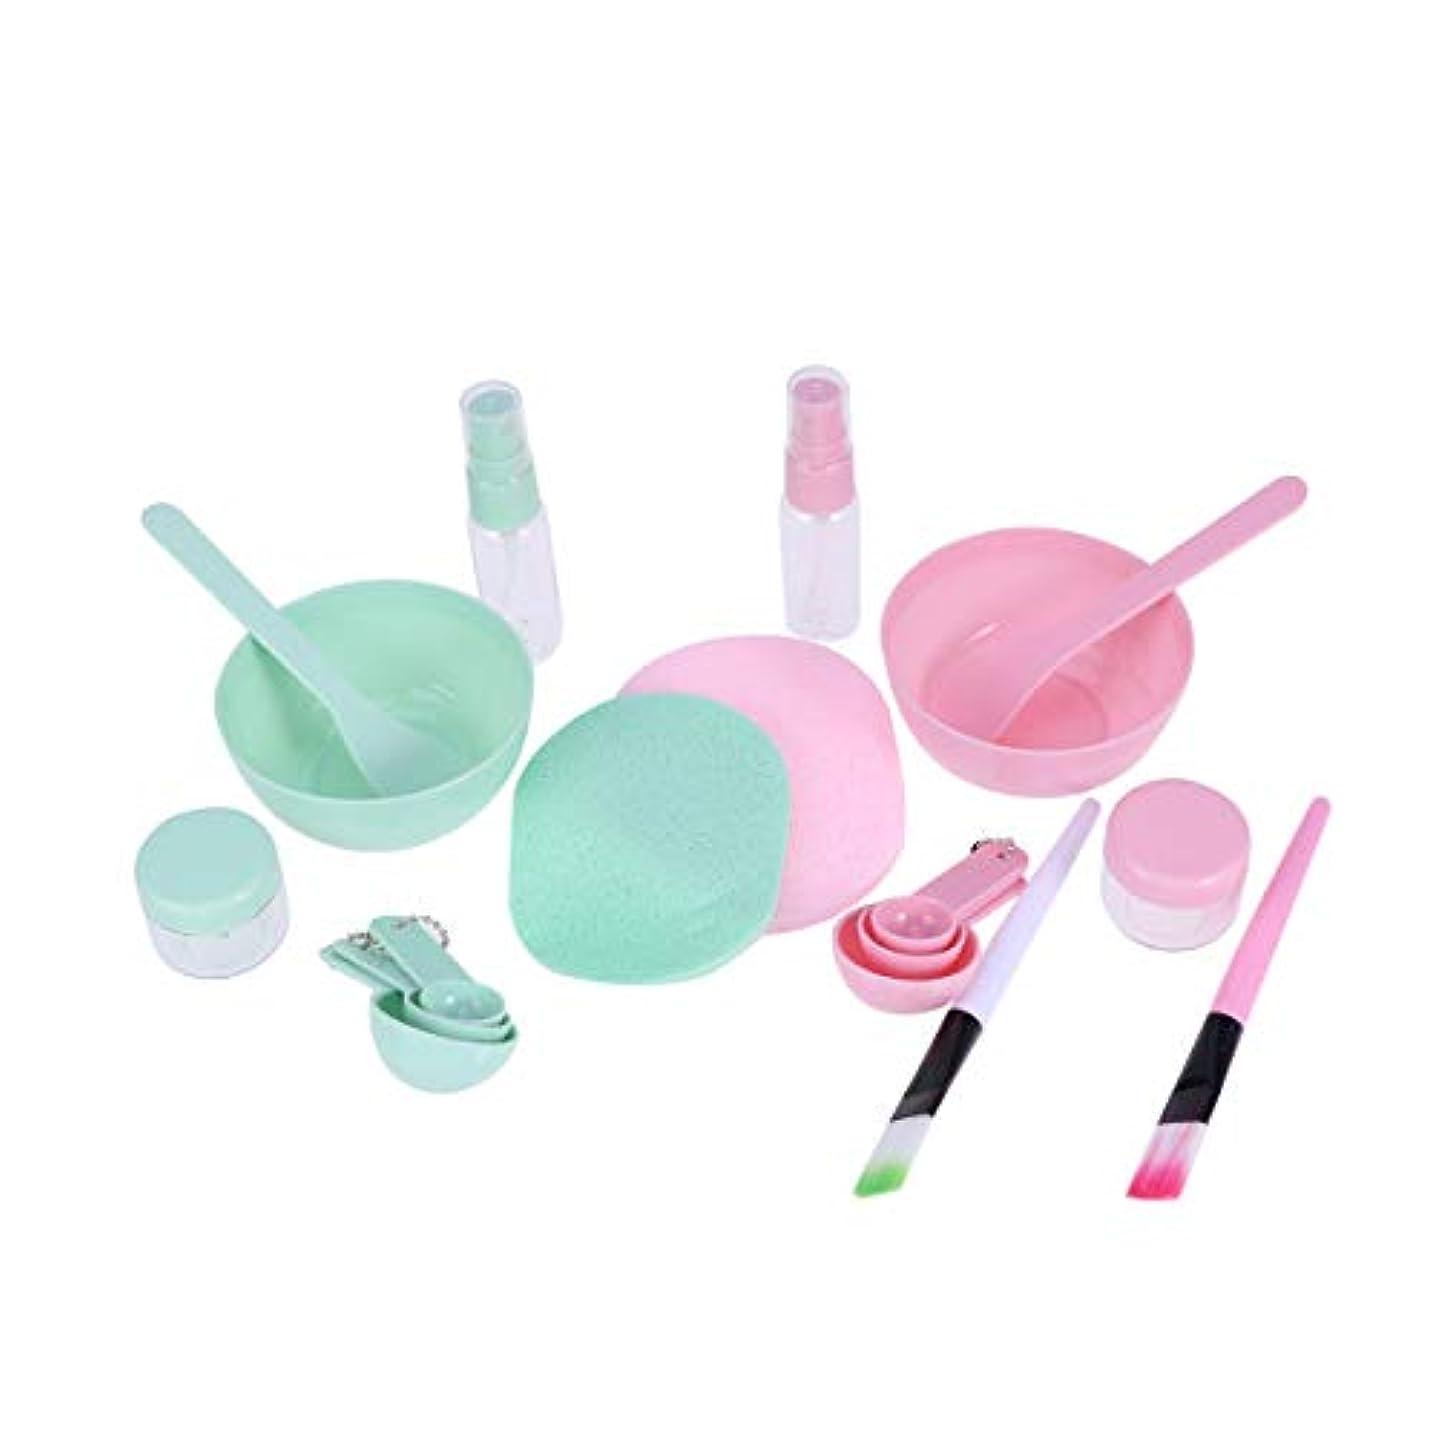 添加剤多数の事務所Lurrose 2セット/ 9個DIYフェイスマスクミキシングボウルセットフェイスマスクミキシングツールキット付きシリコンフェイスマスクブラシフェイシャルマスクボウルスティックヘラゲージパフ女性用(ピンク+グリーン)